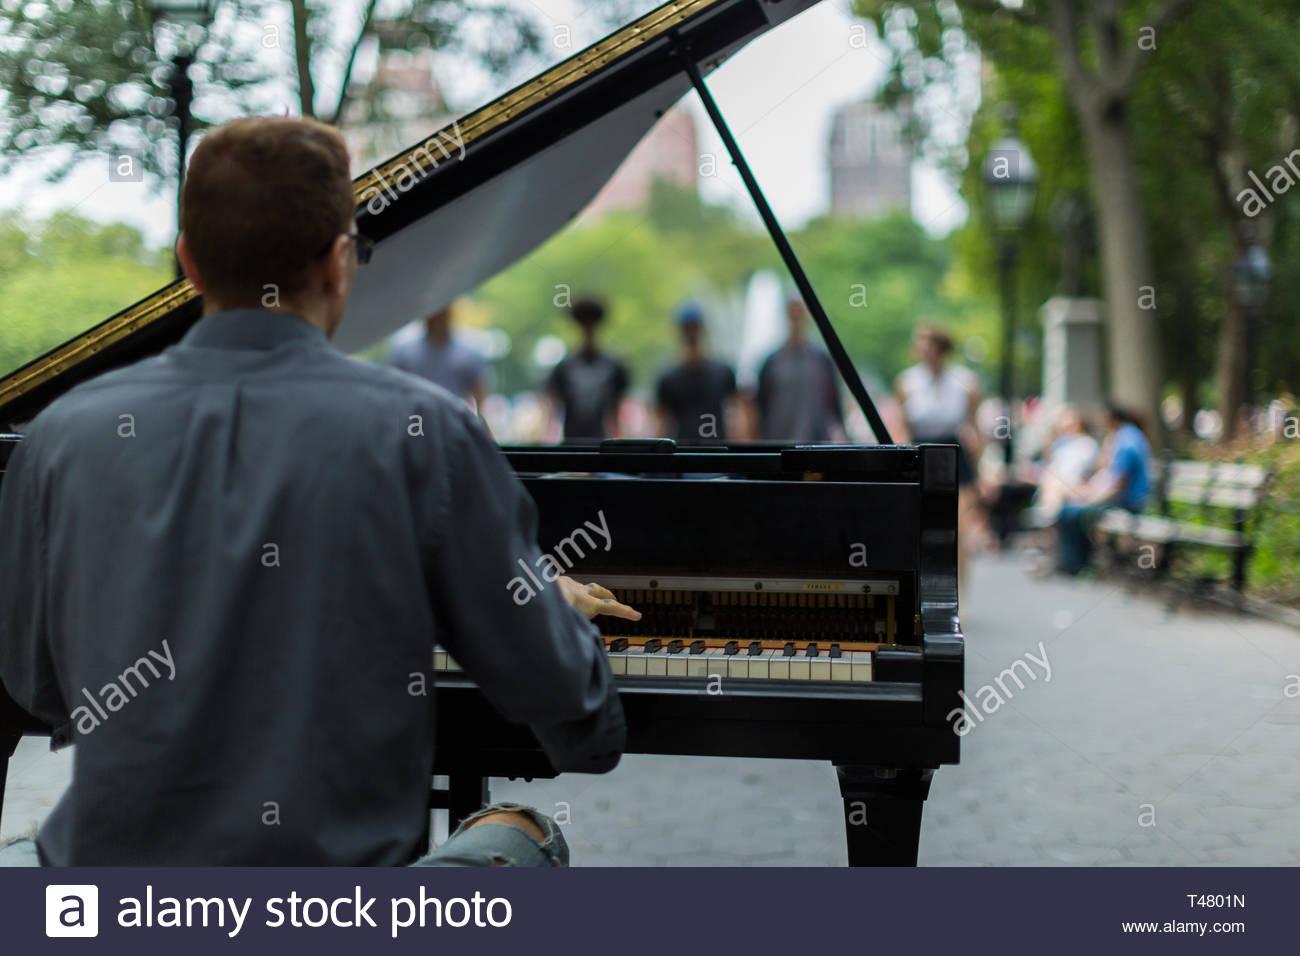 New York Street Scenes - Stock Image